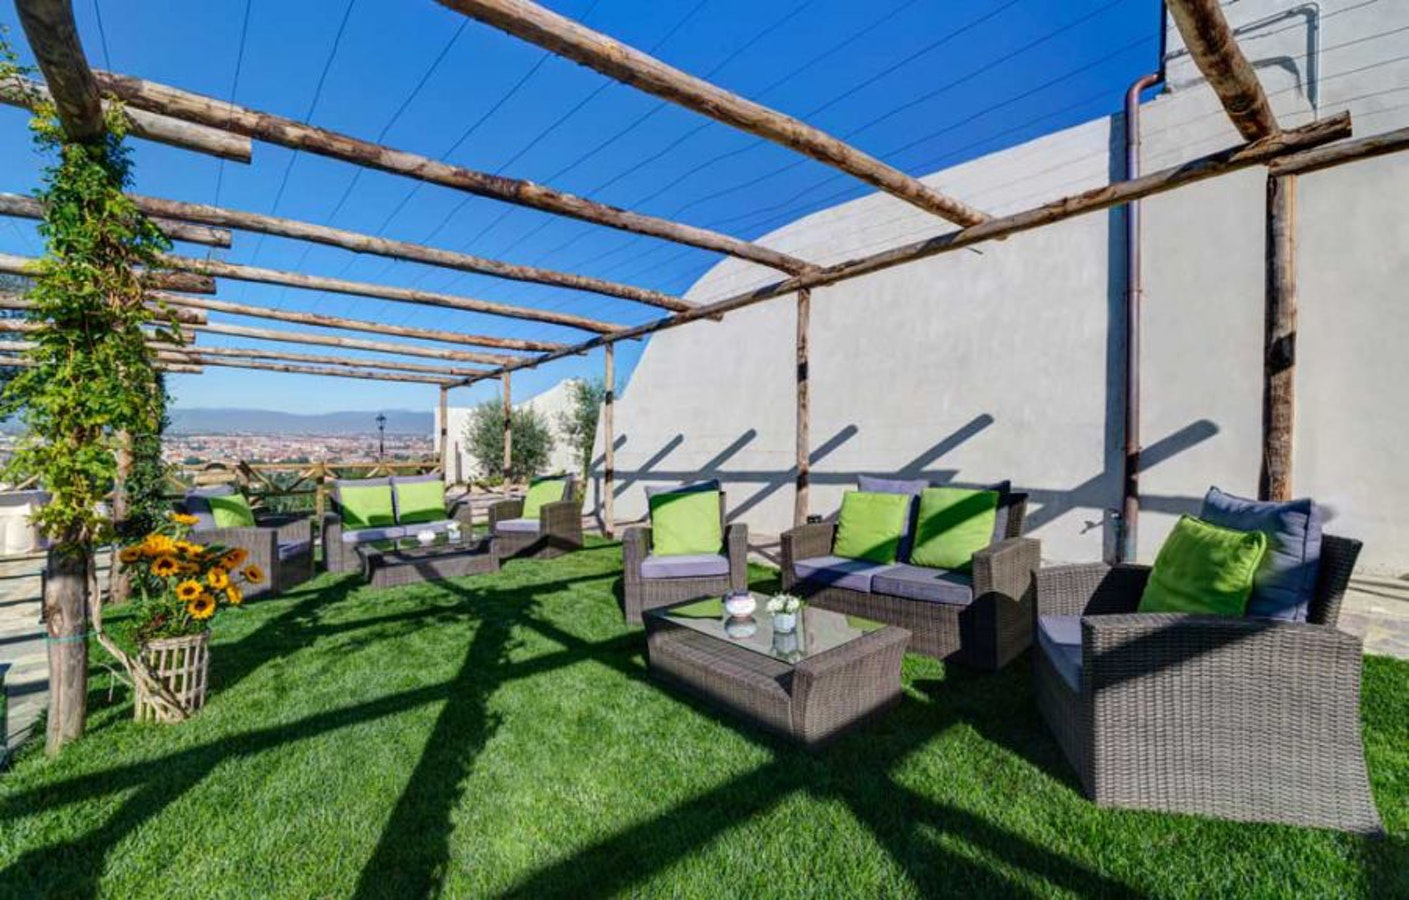 Villa tolomei hotel resort firenze hotel a 5 stelle a due for Giardino orticoltura firenze aperitivo